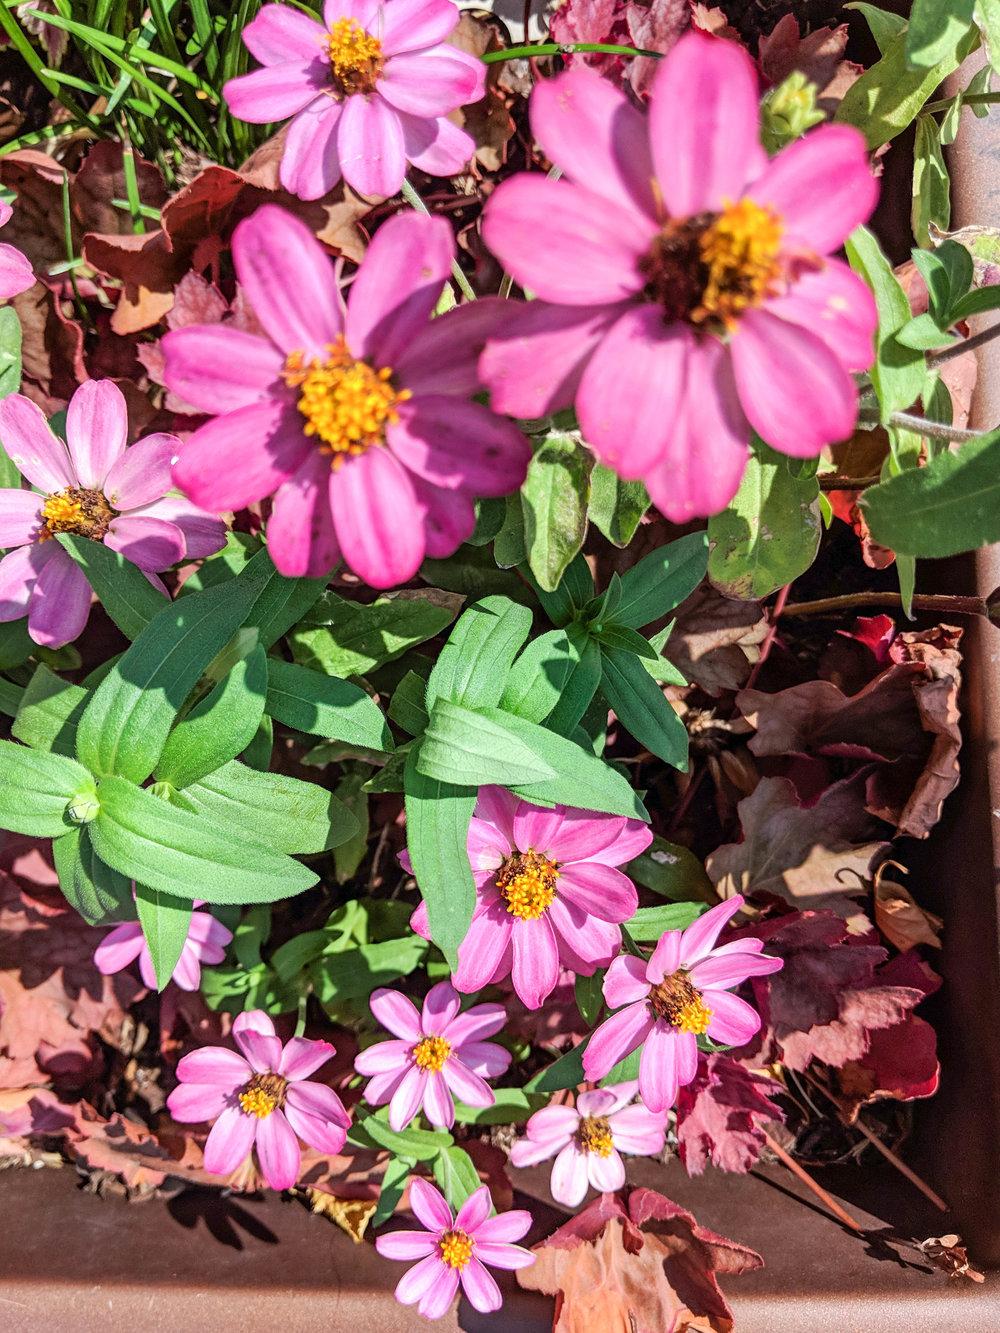 bri rinehart; photography; boston; flowers